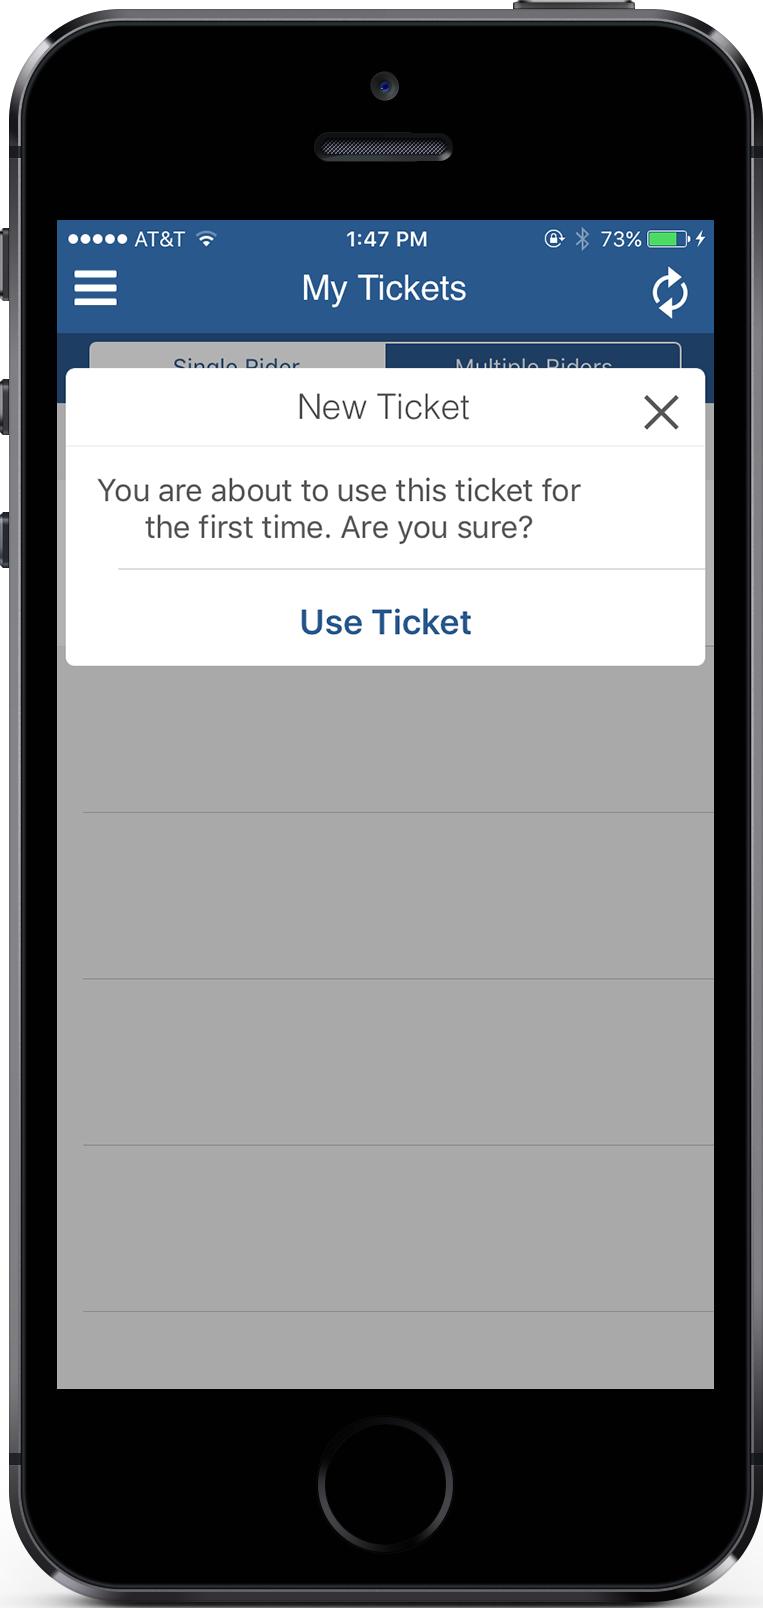 EZfare Use Ticket Screen